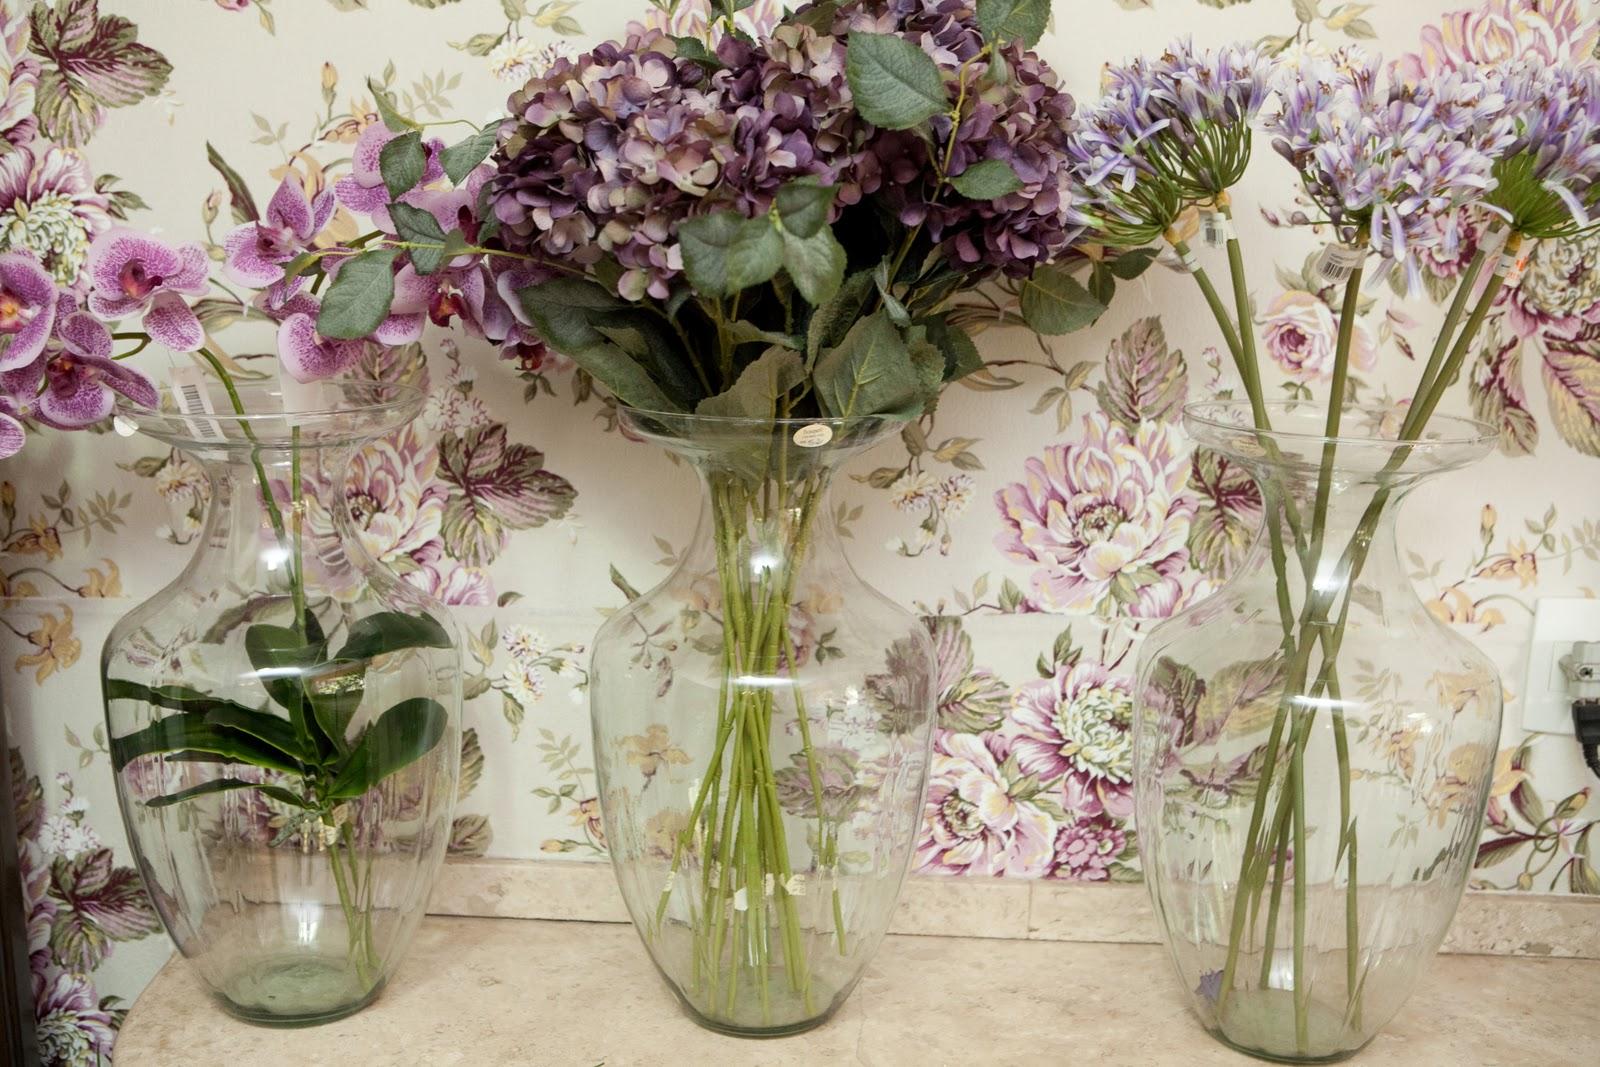 Flores Artificiais Dicas de Decoraç u00e3o Agente Imóvel -> Decoração Arranjos De Flores Artificiais